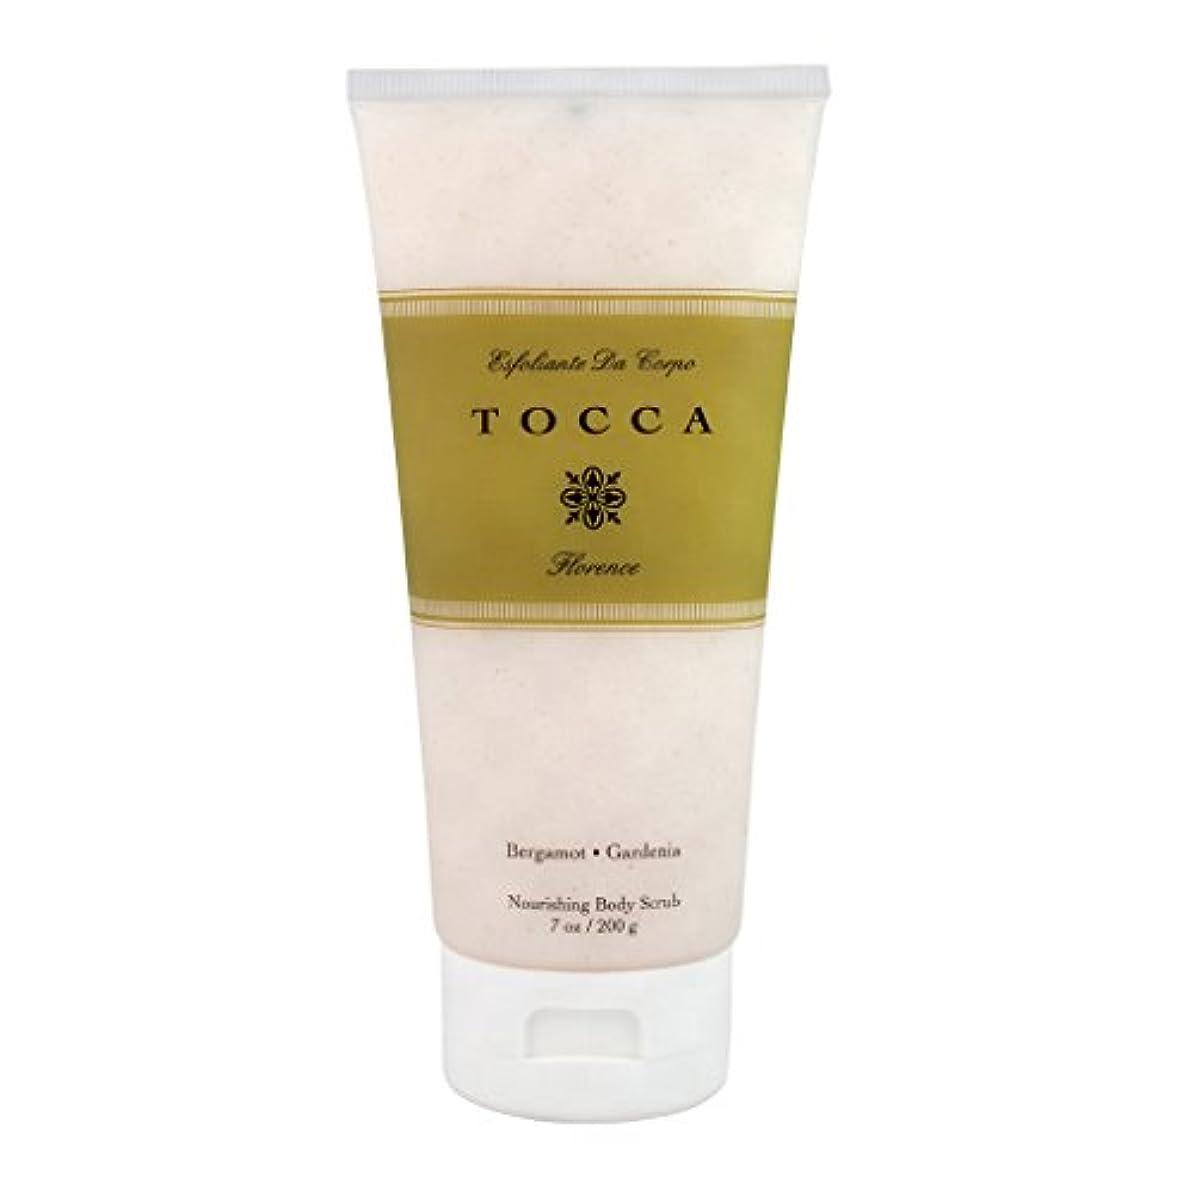 アイドル割り当てますスペアトッカ(TOCCA) ボディーケアスクラブ フローレンスの香り 200ml(全身・ボディー用マッサージ料 ガーデニアとベルガモットが誘うように溶け合うどこまでも上品なフローラルの香り)